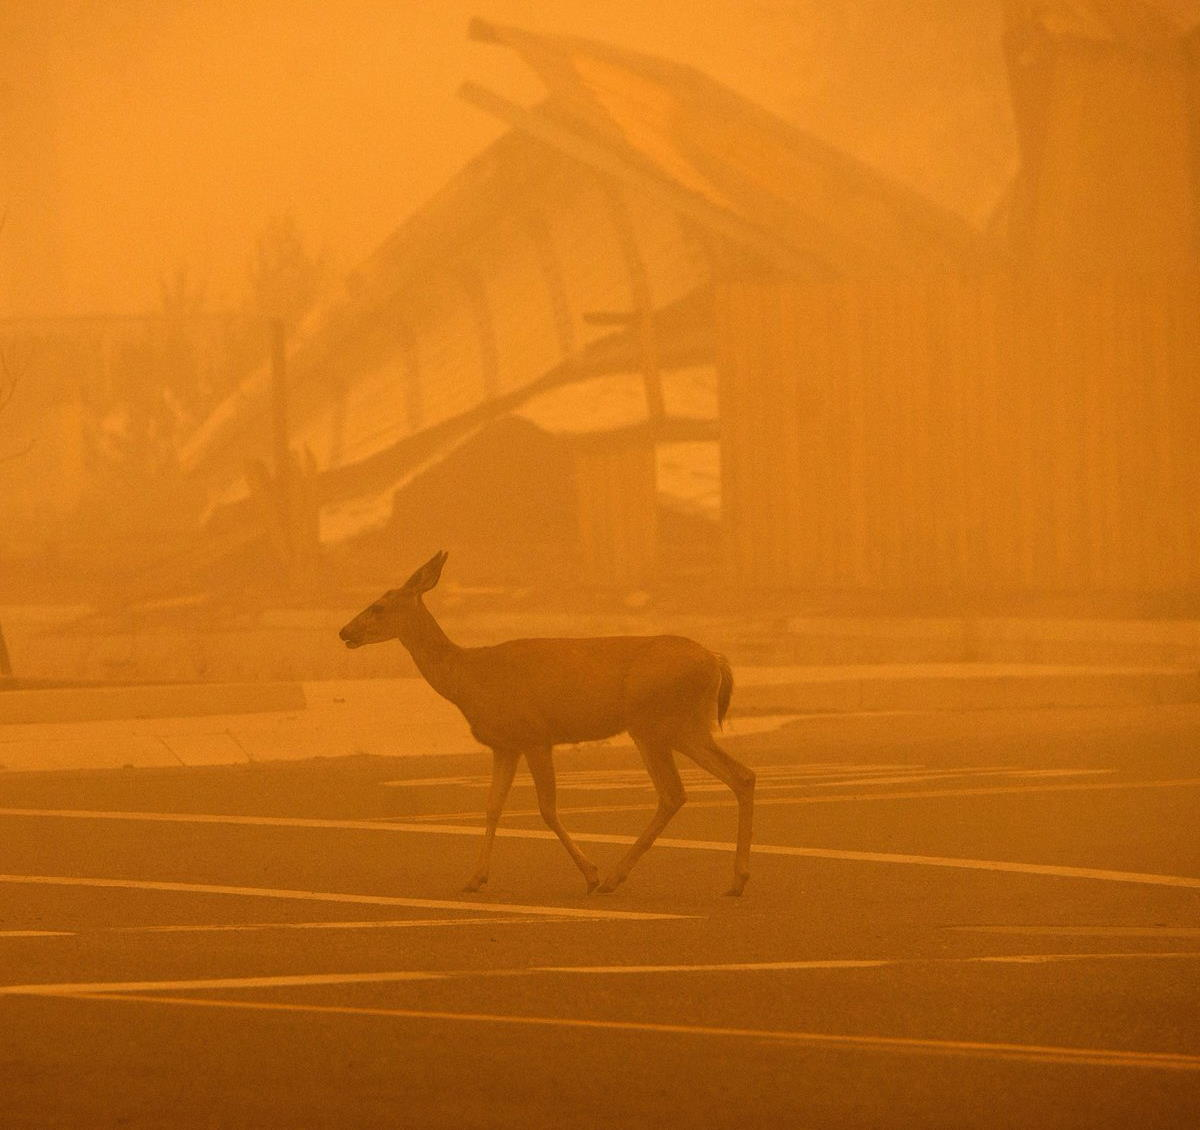 La California sta lottando contro le fiamme di Dixie, il secondo incendio più grande mai registrato nello Stato